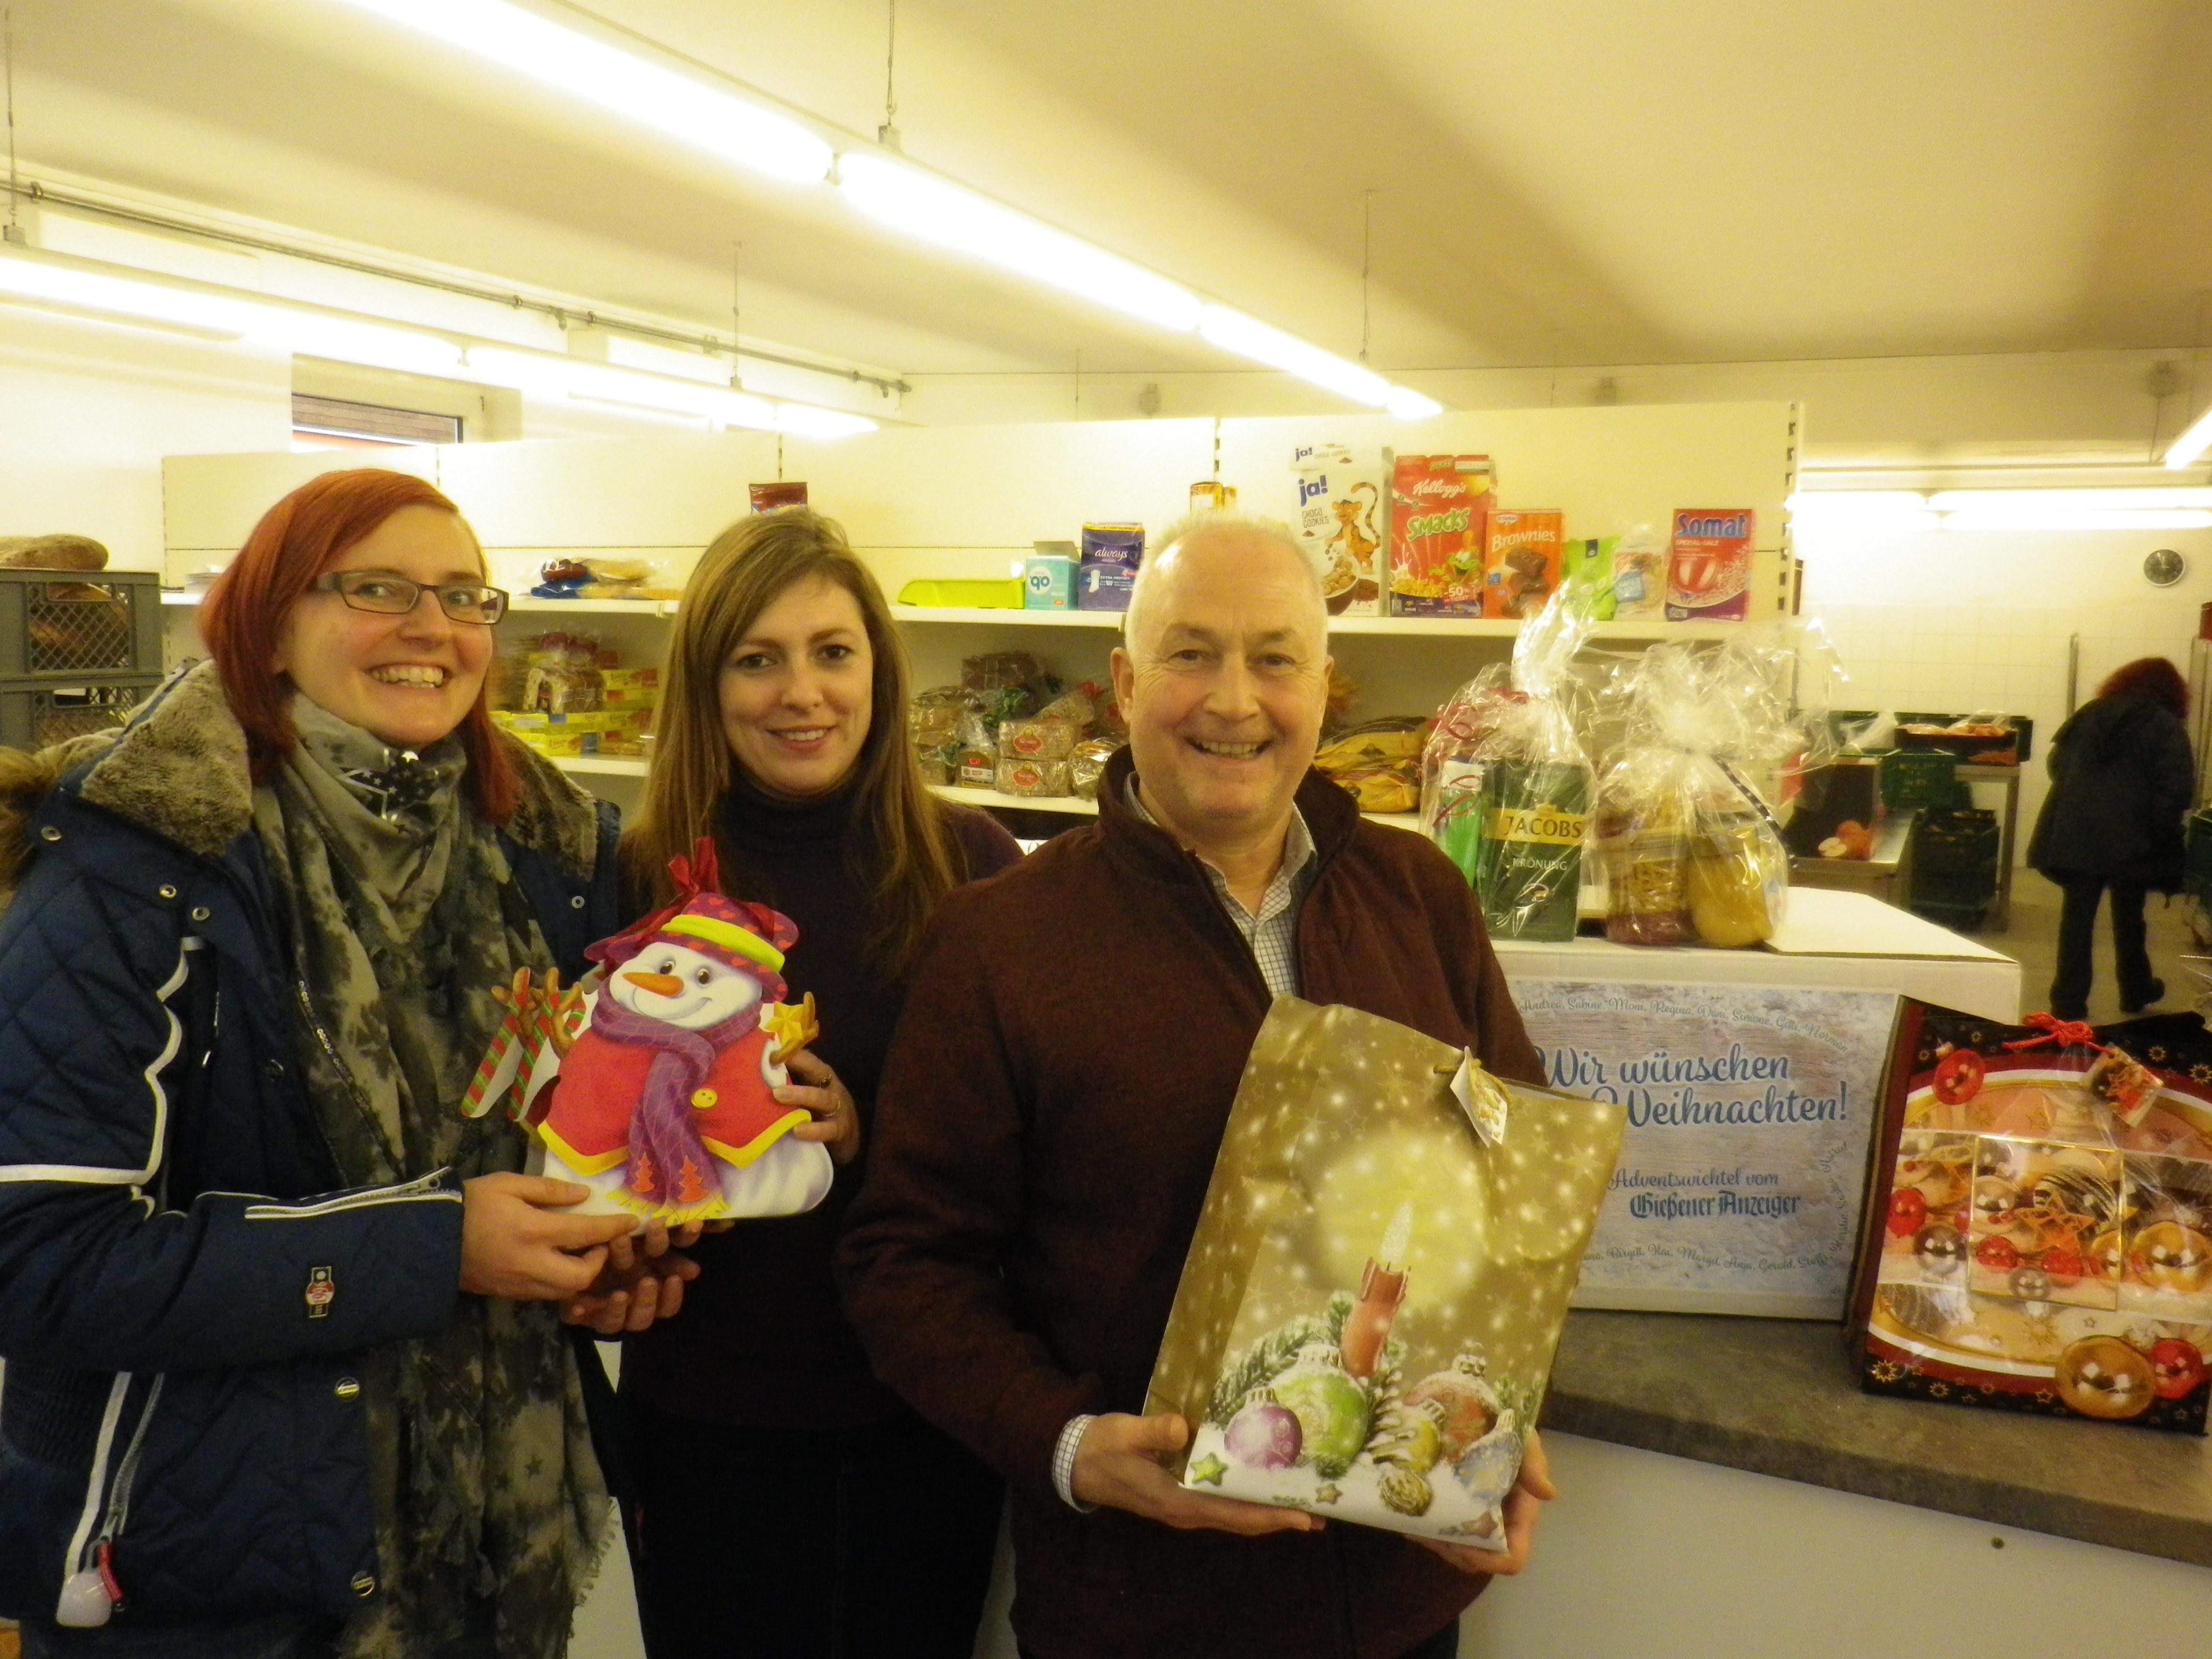 Anzeiger-Mitarbeiterin Meike Lotz (l.) übergibt 24 Geschenke an Anna Conrad und Bernd Reuter.